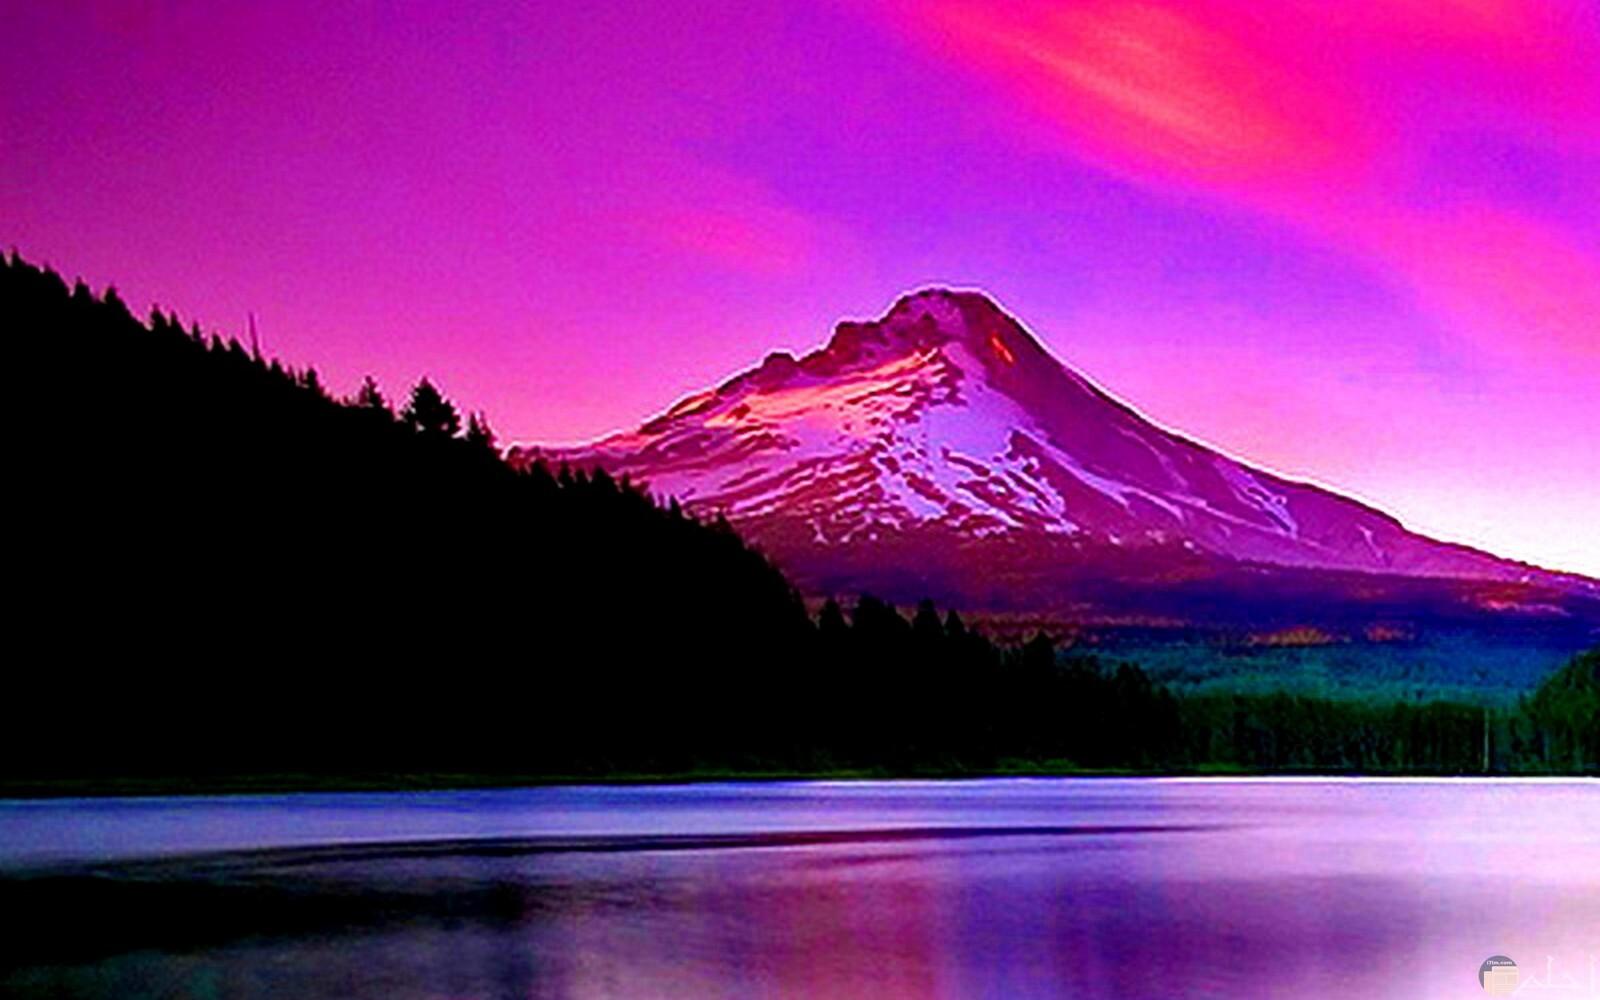 خلفية طبيعية بنفسجي للبحر و الجبال.